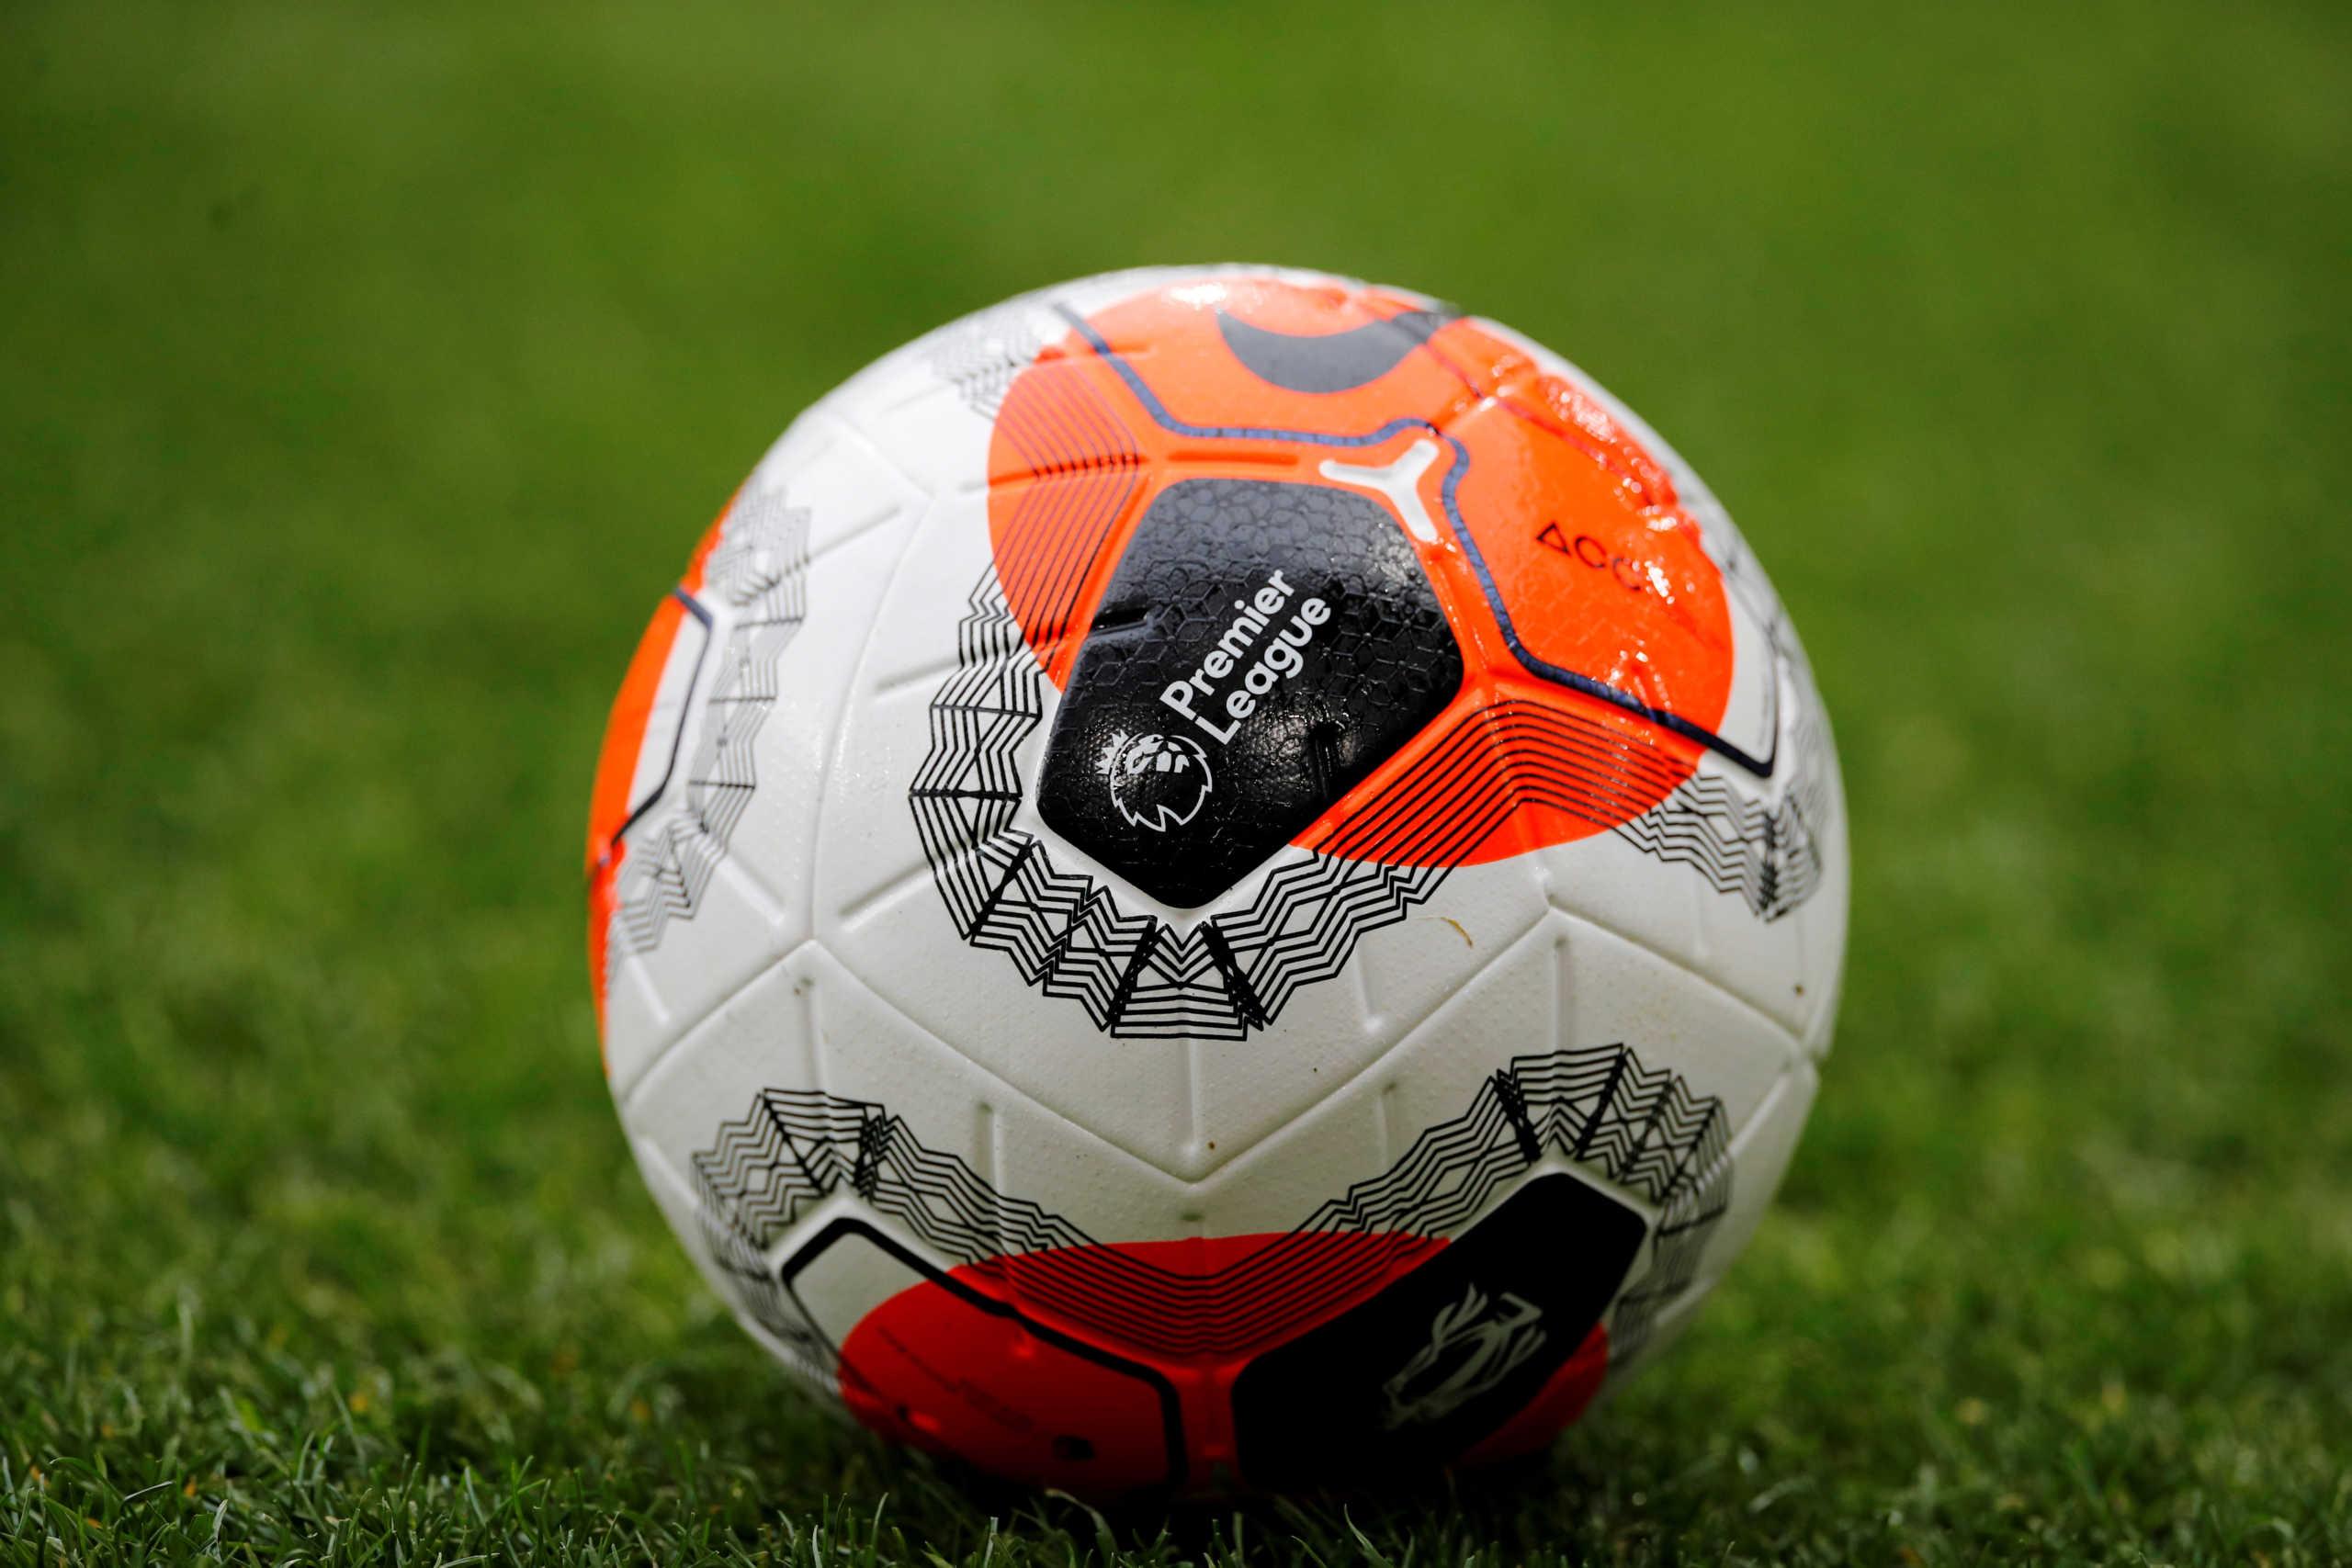 Η Premier League κινδυνεύει με «λουκέτο» λόγω των πολλών κρουσμάτων κορονοϊού